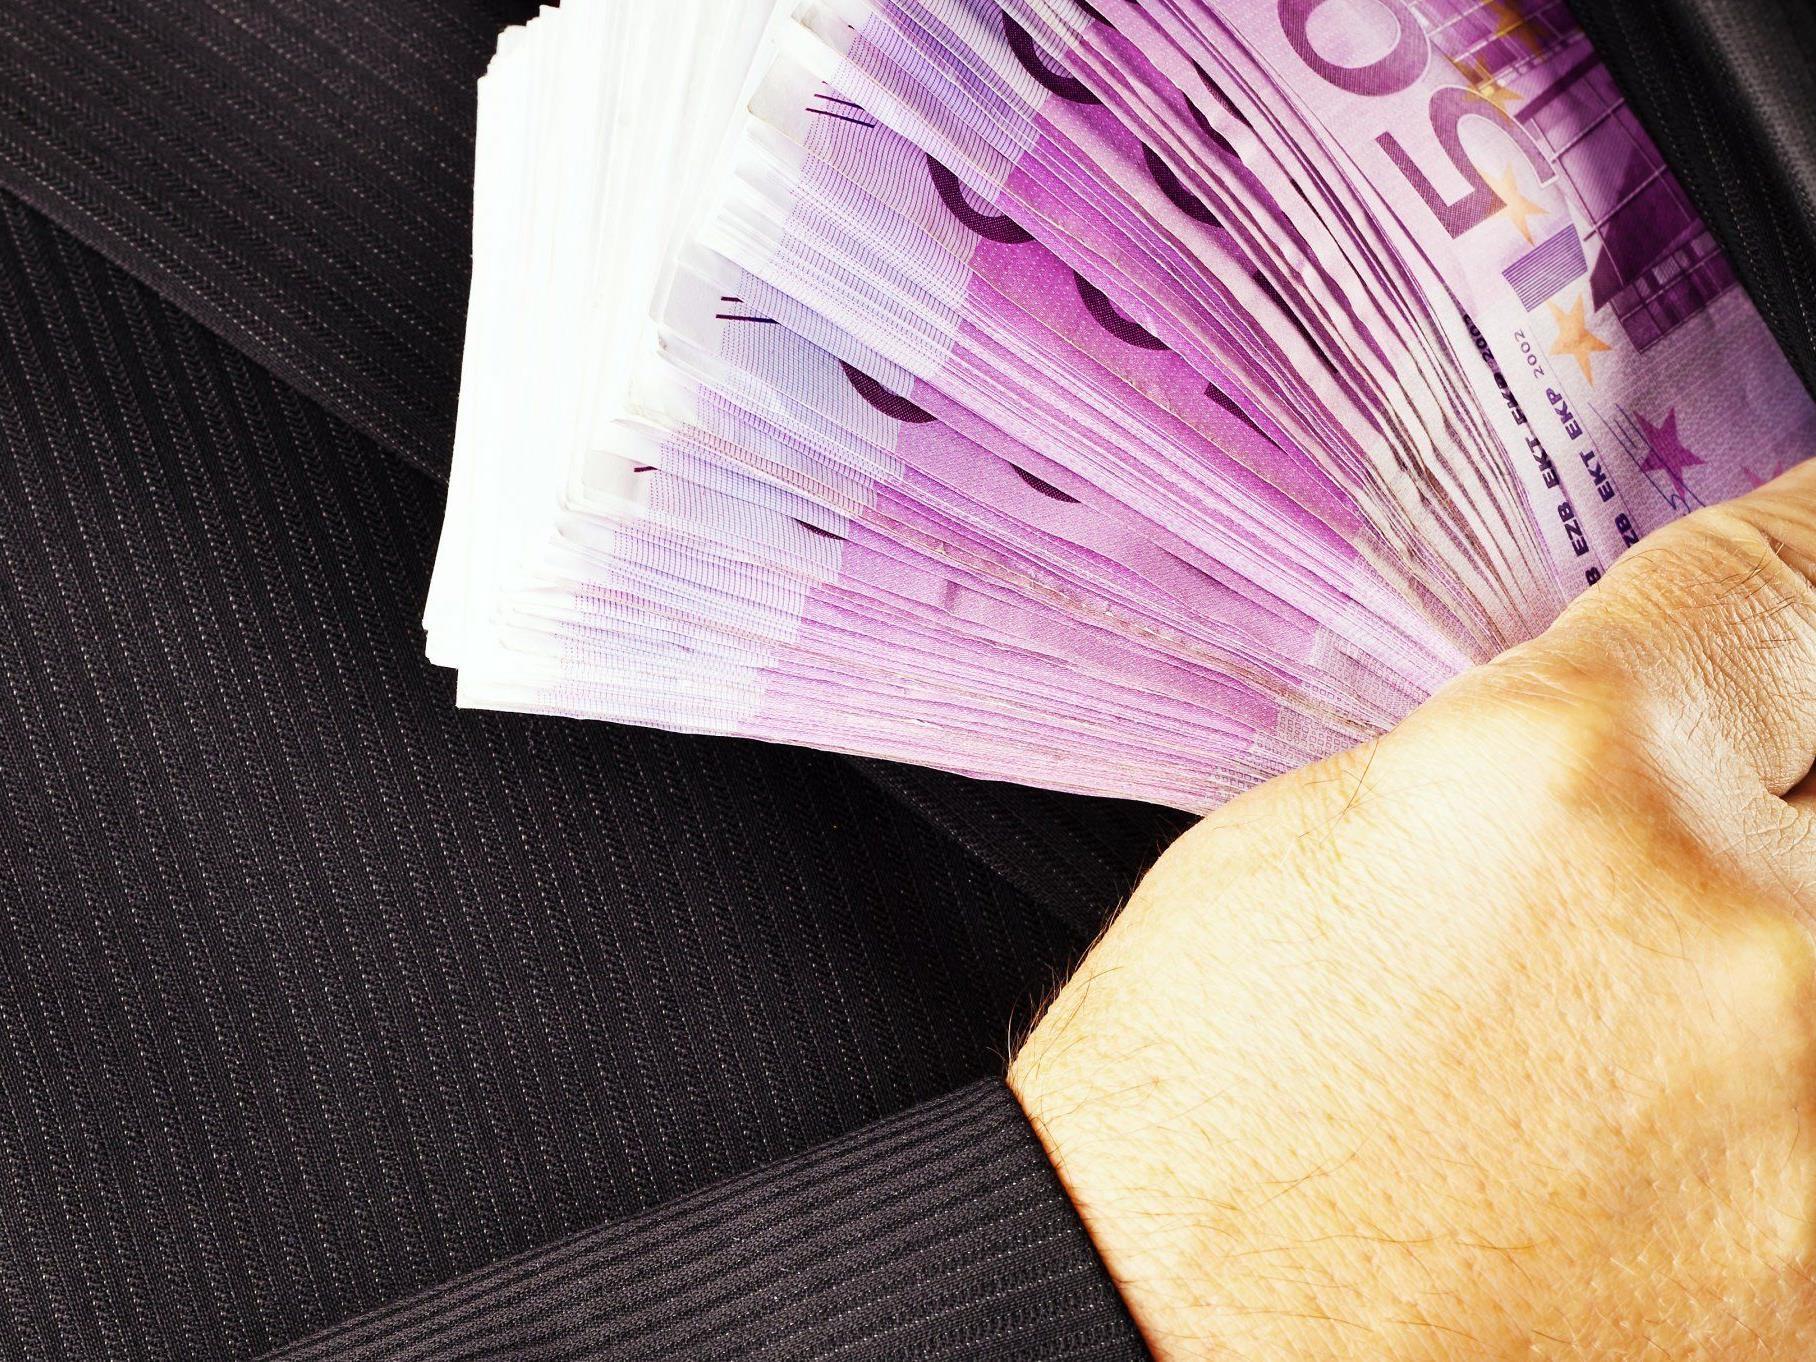 Abkommen soll 2013 eine Milliarde Euro in die heimischen Kassen spülen.